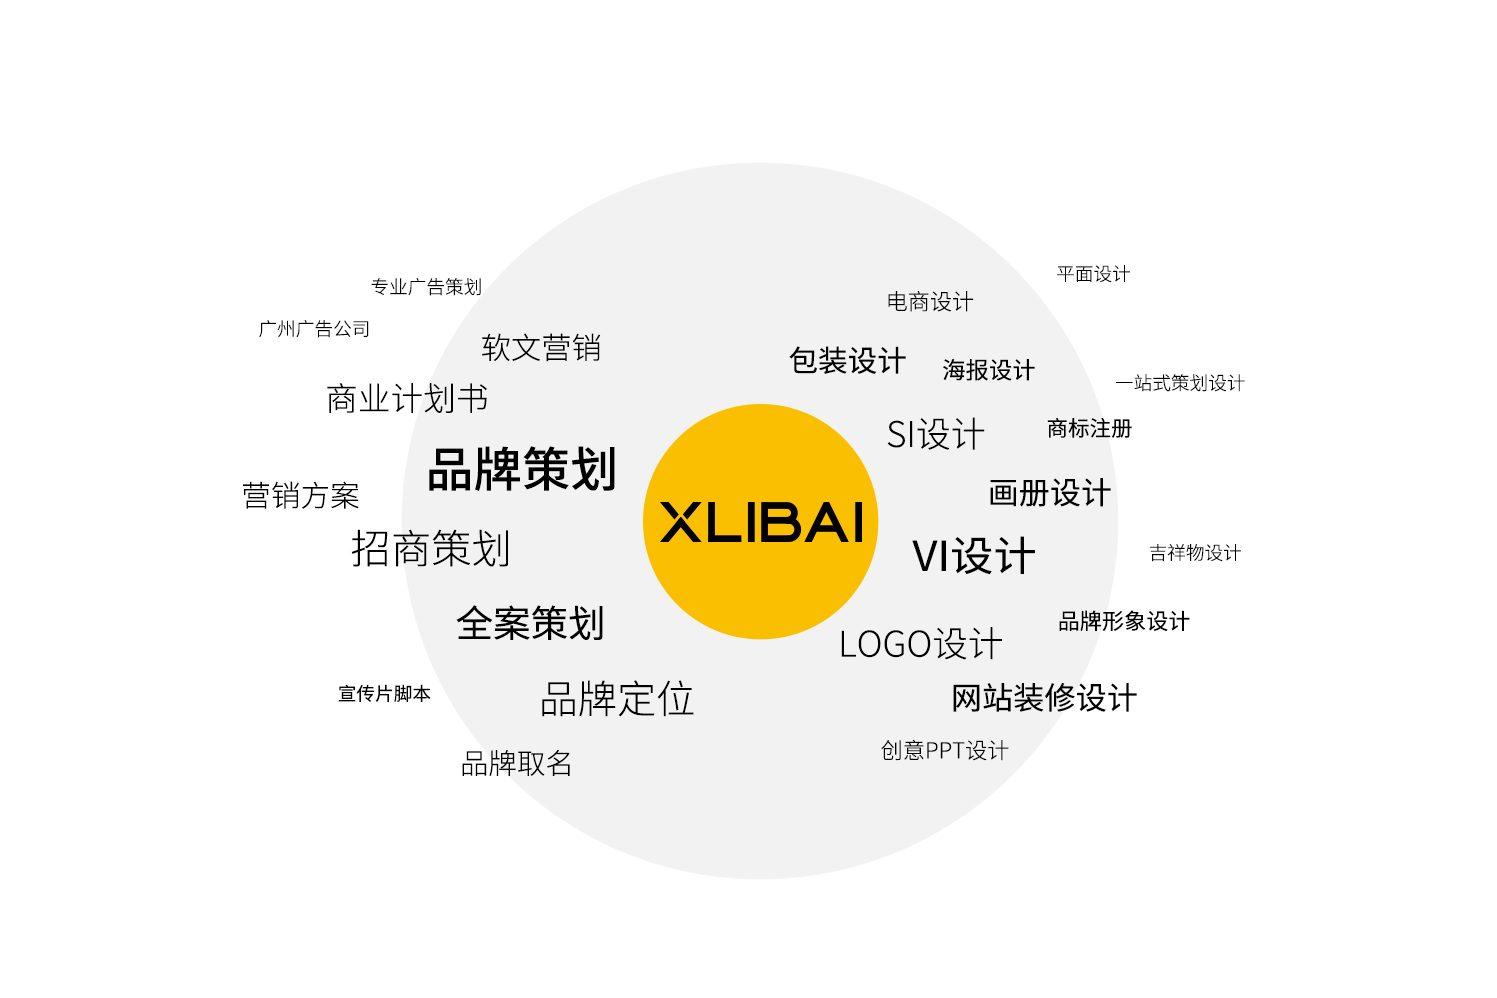 广州品牌策划公司:广告文案的力量